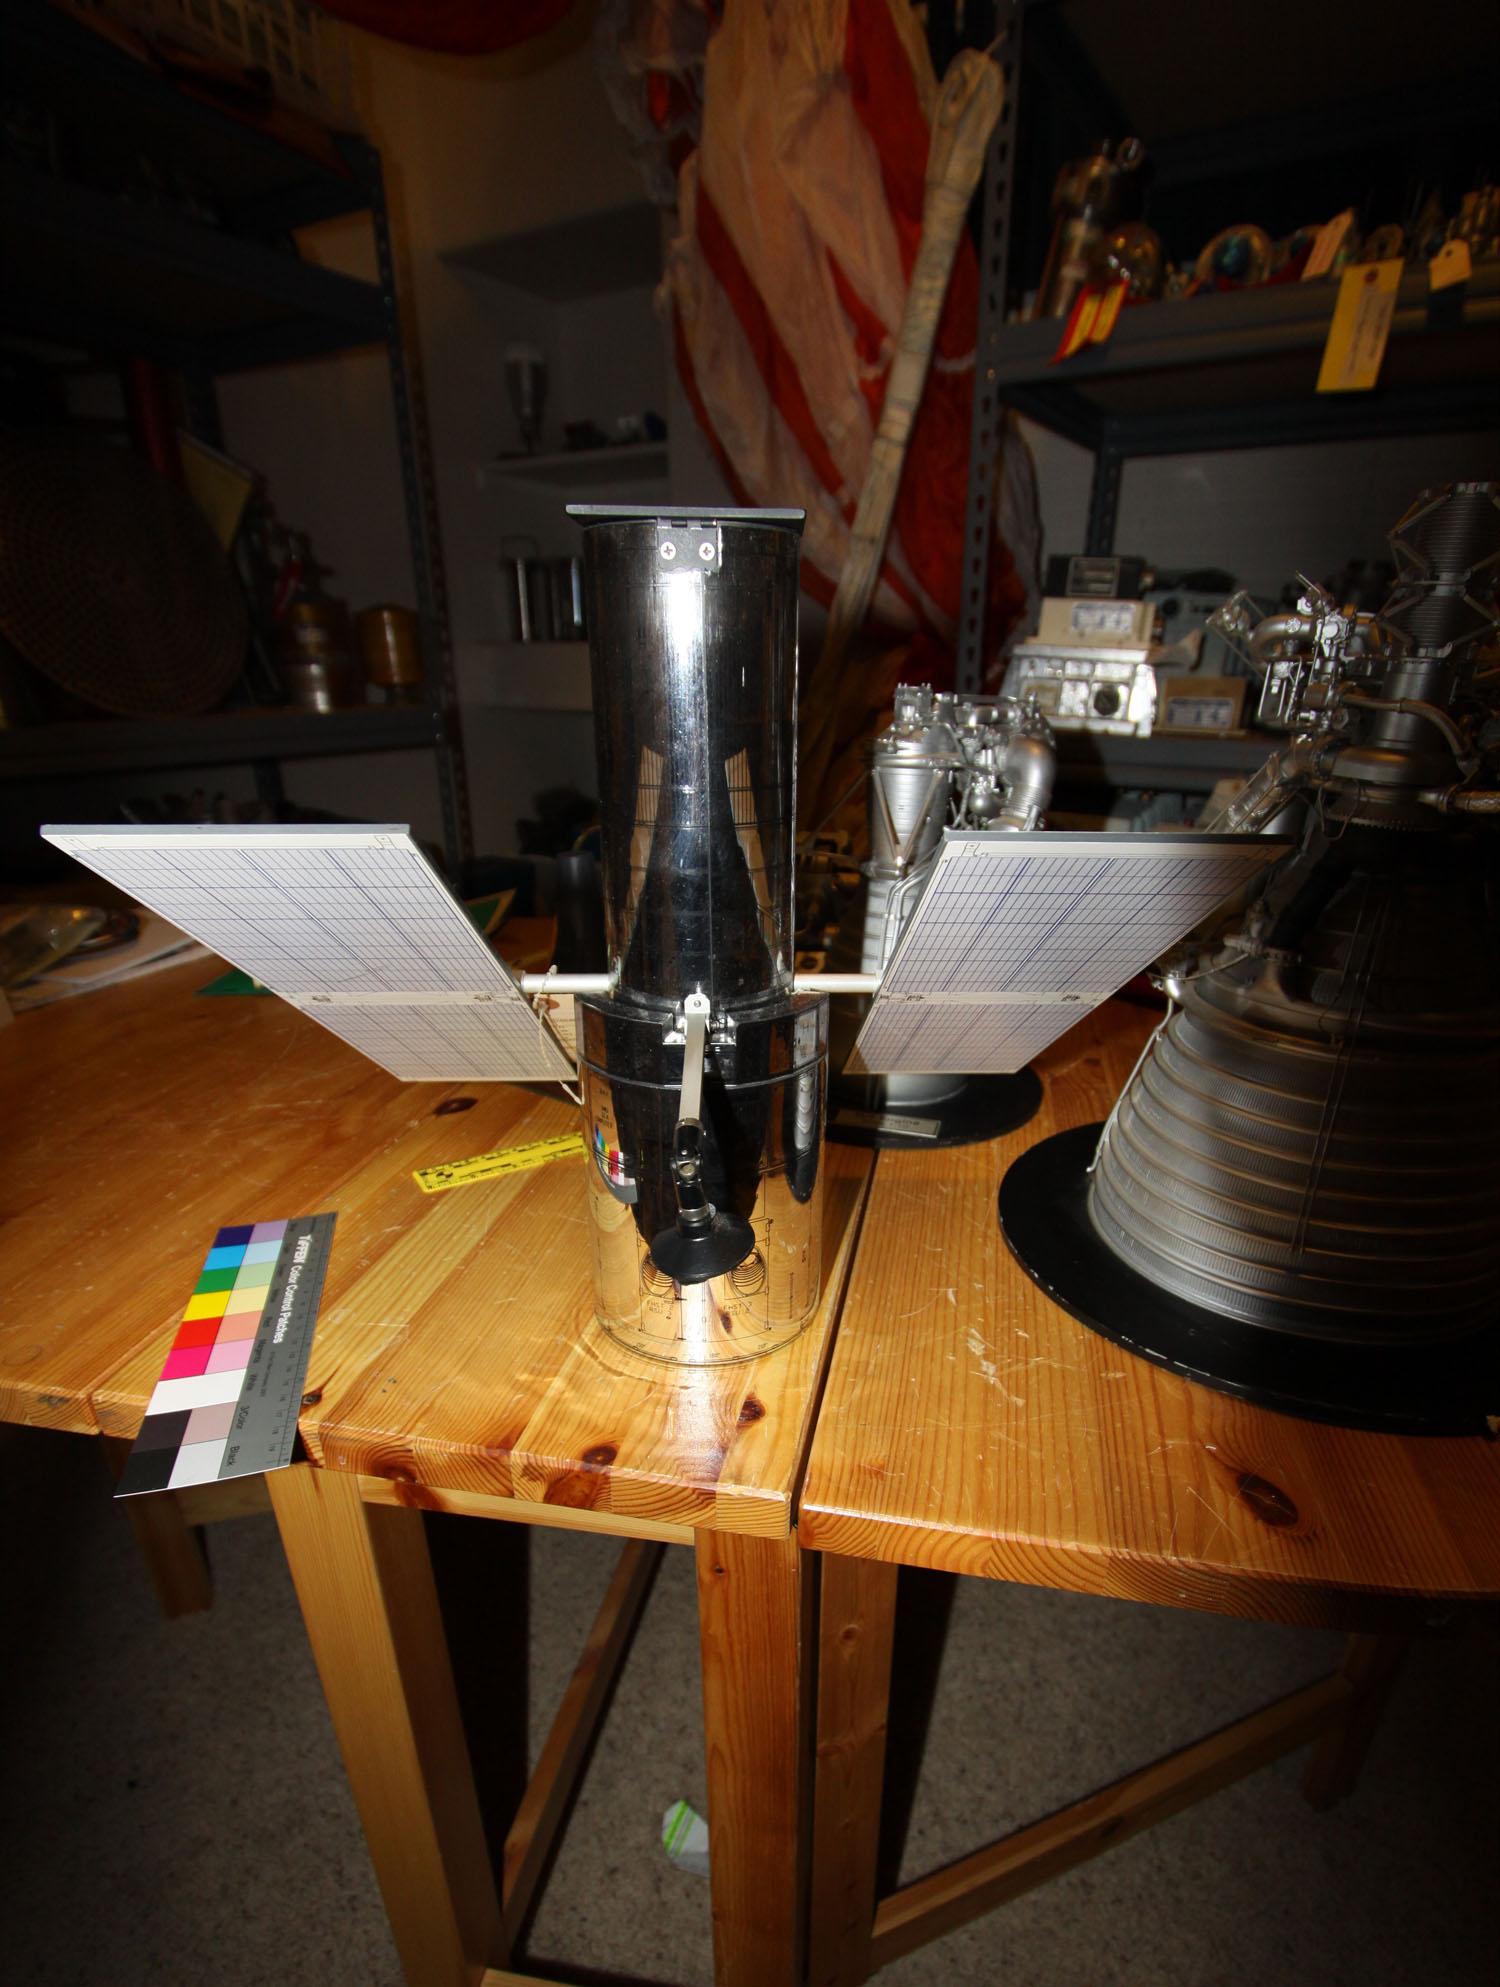 pennwalt model hubble space telescope - photo #42